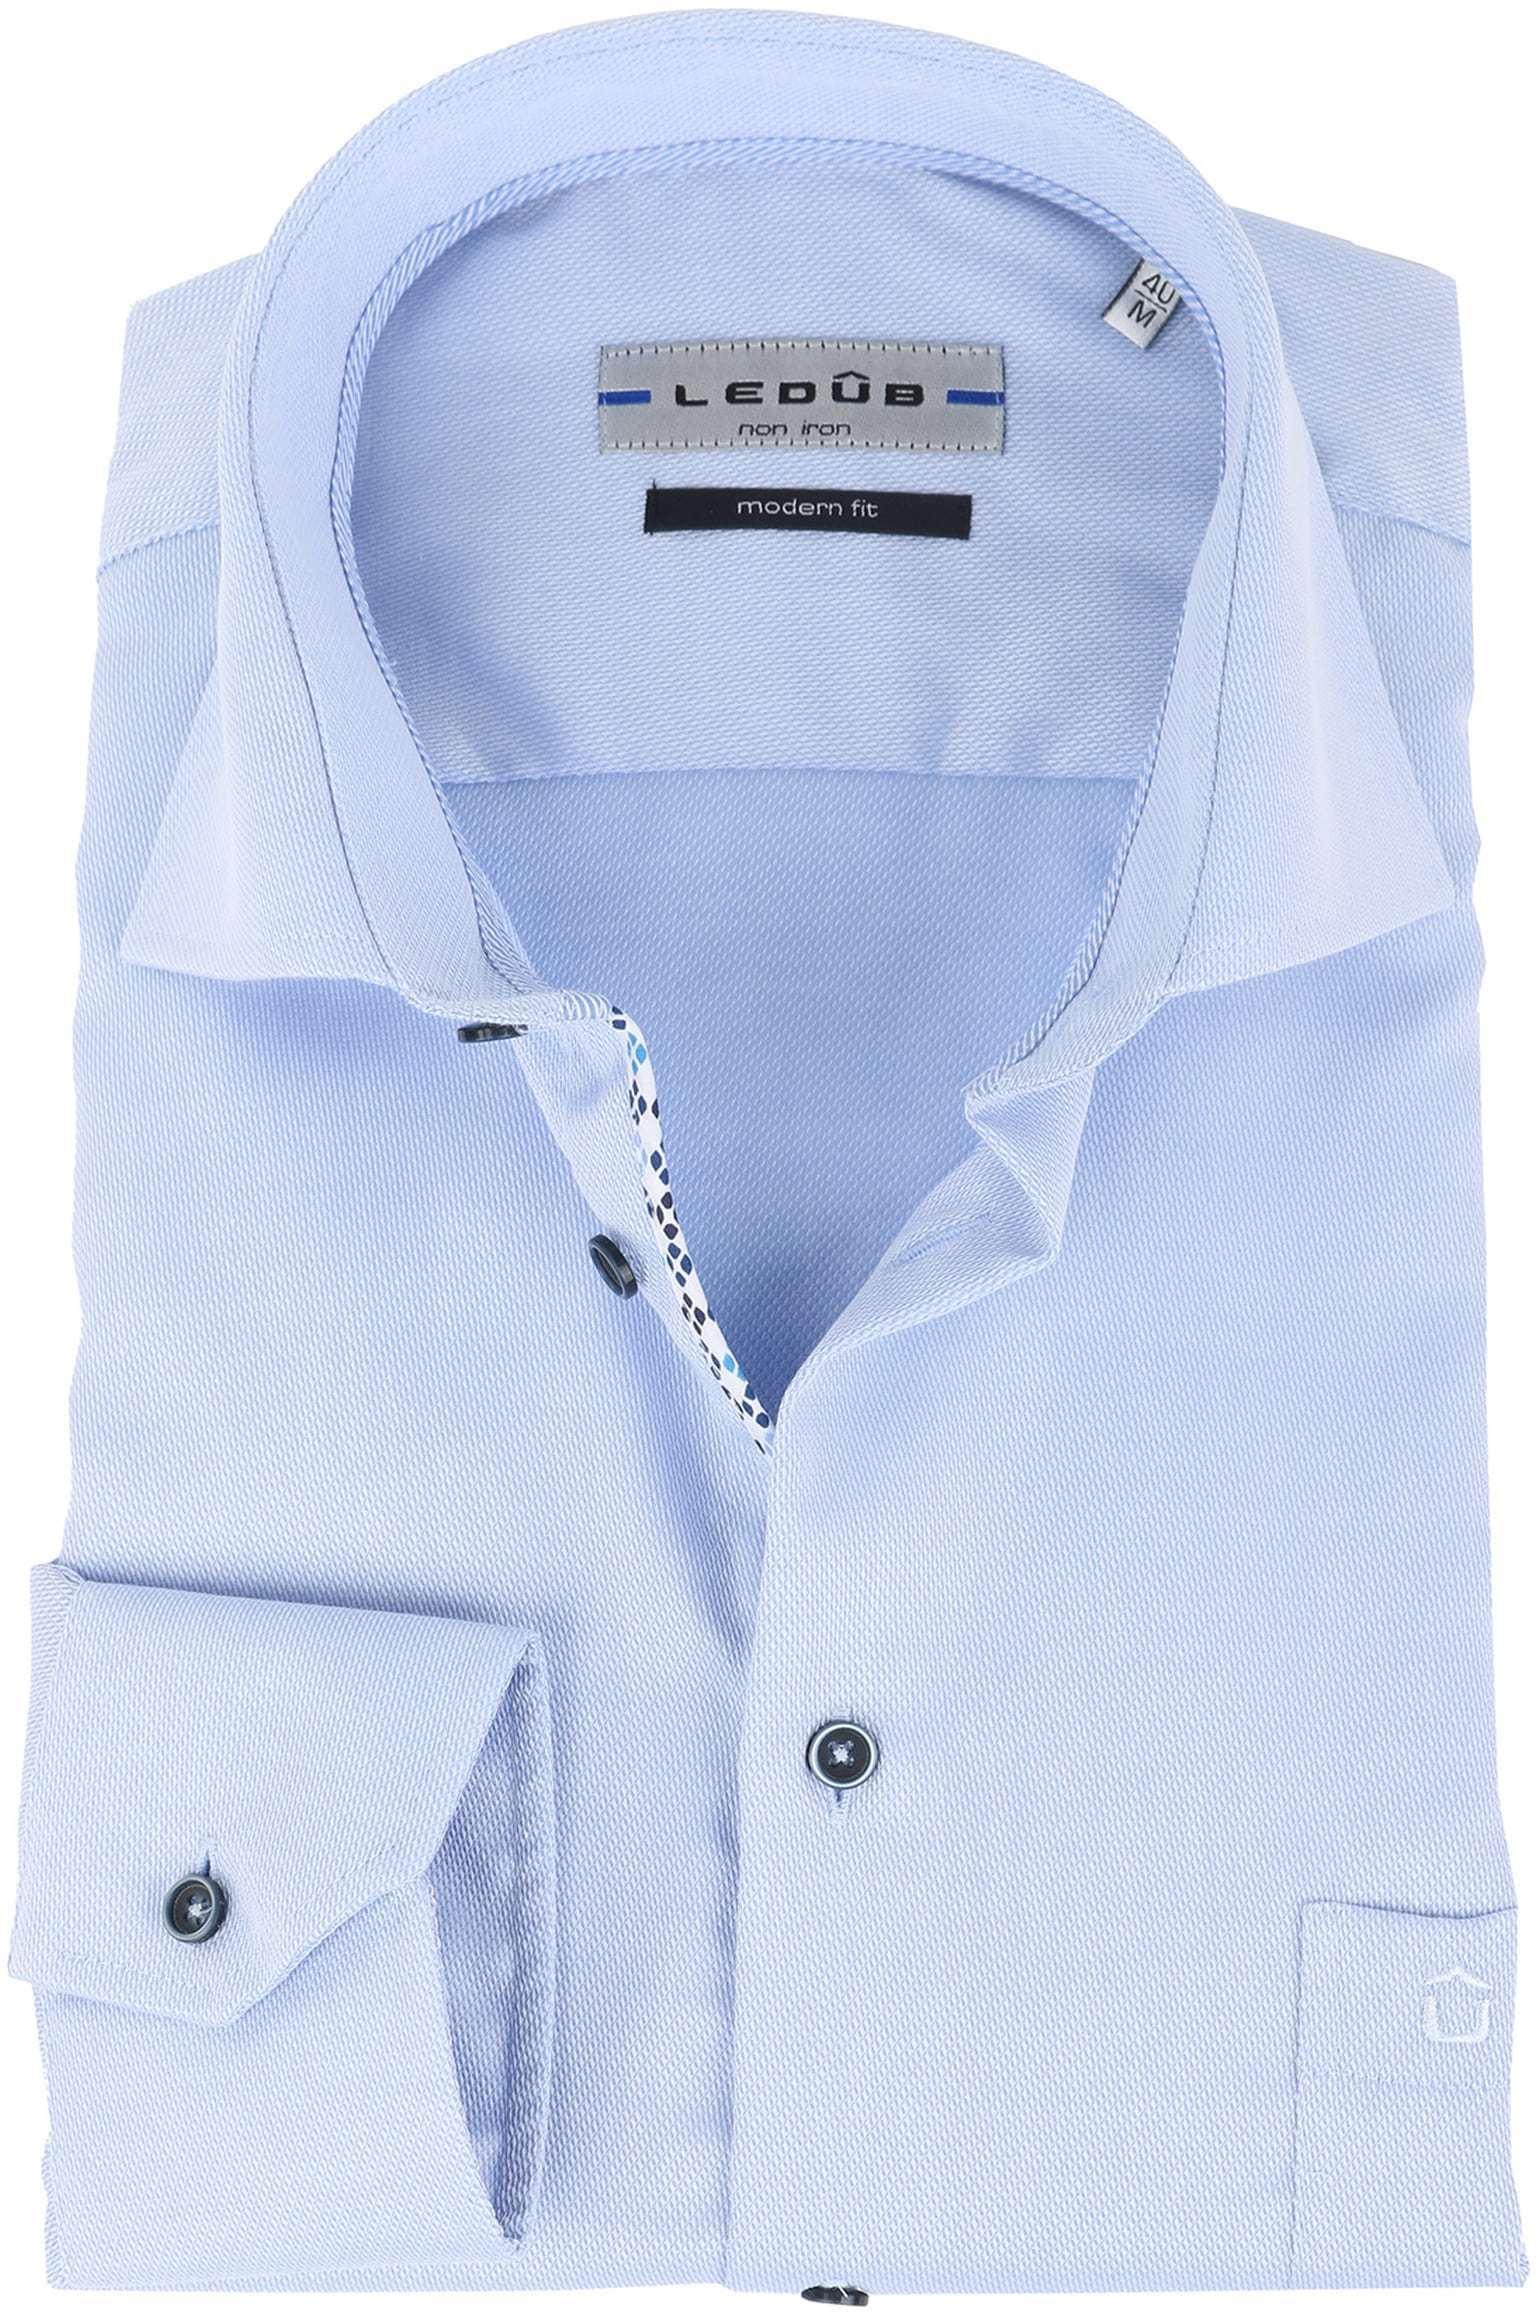 Ledub Overhemd Strijkvrij Blauw foto 0